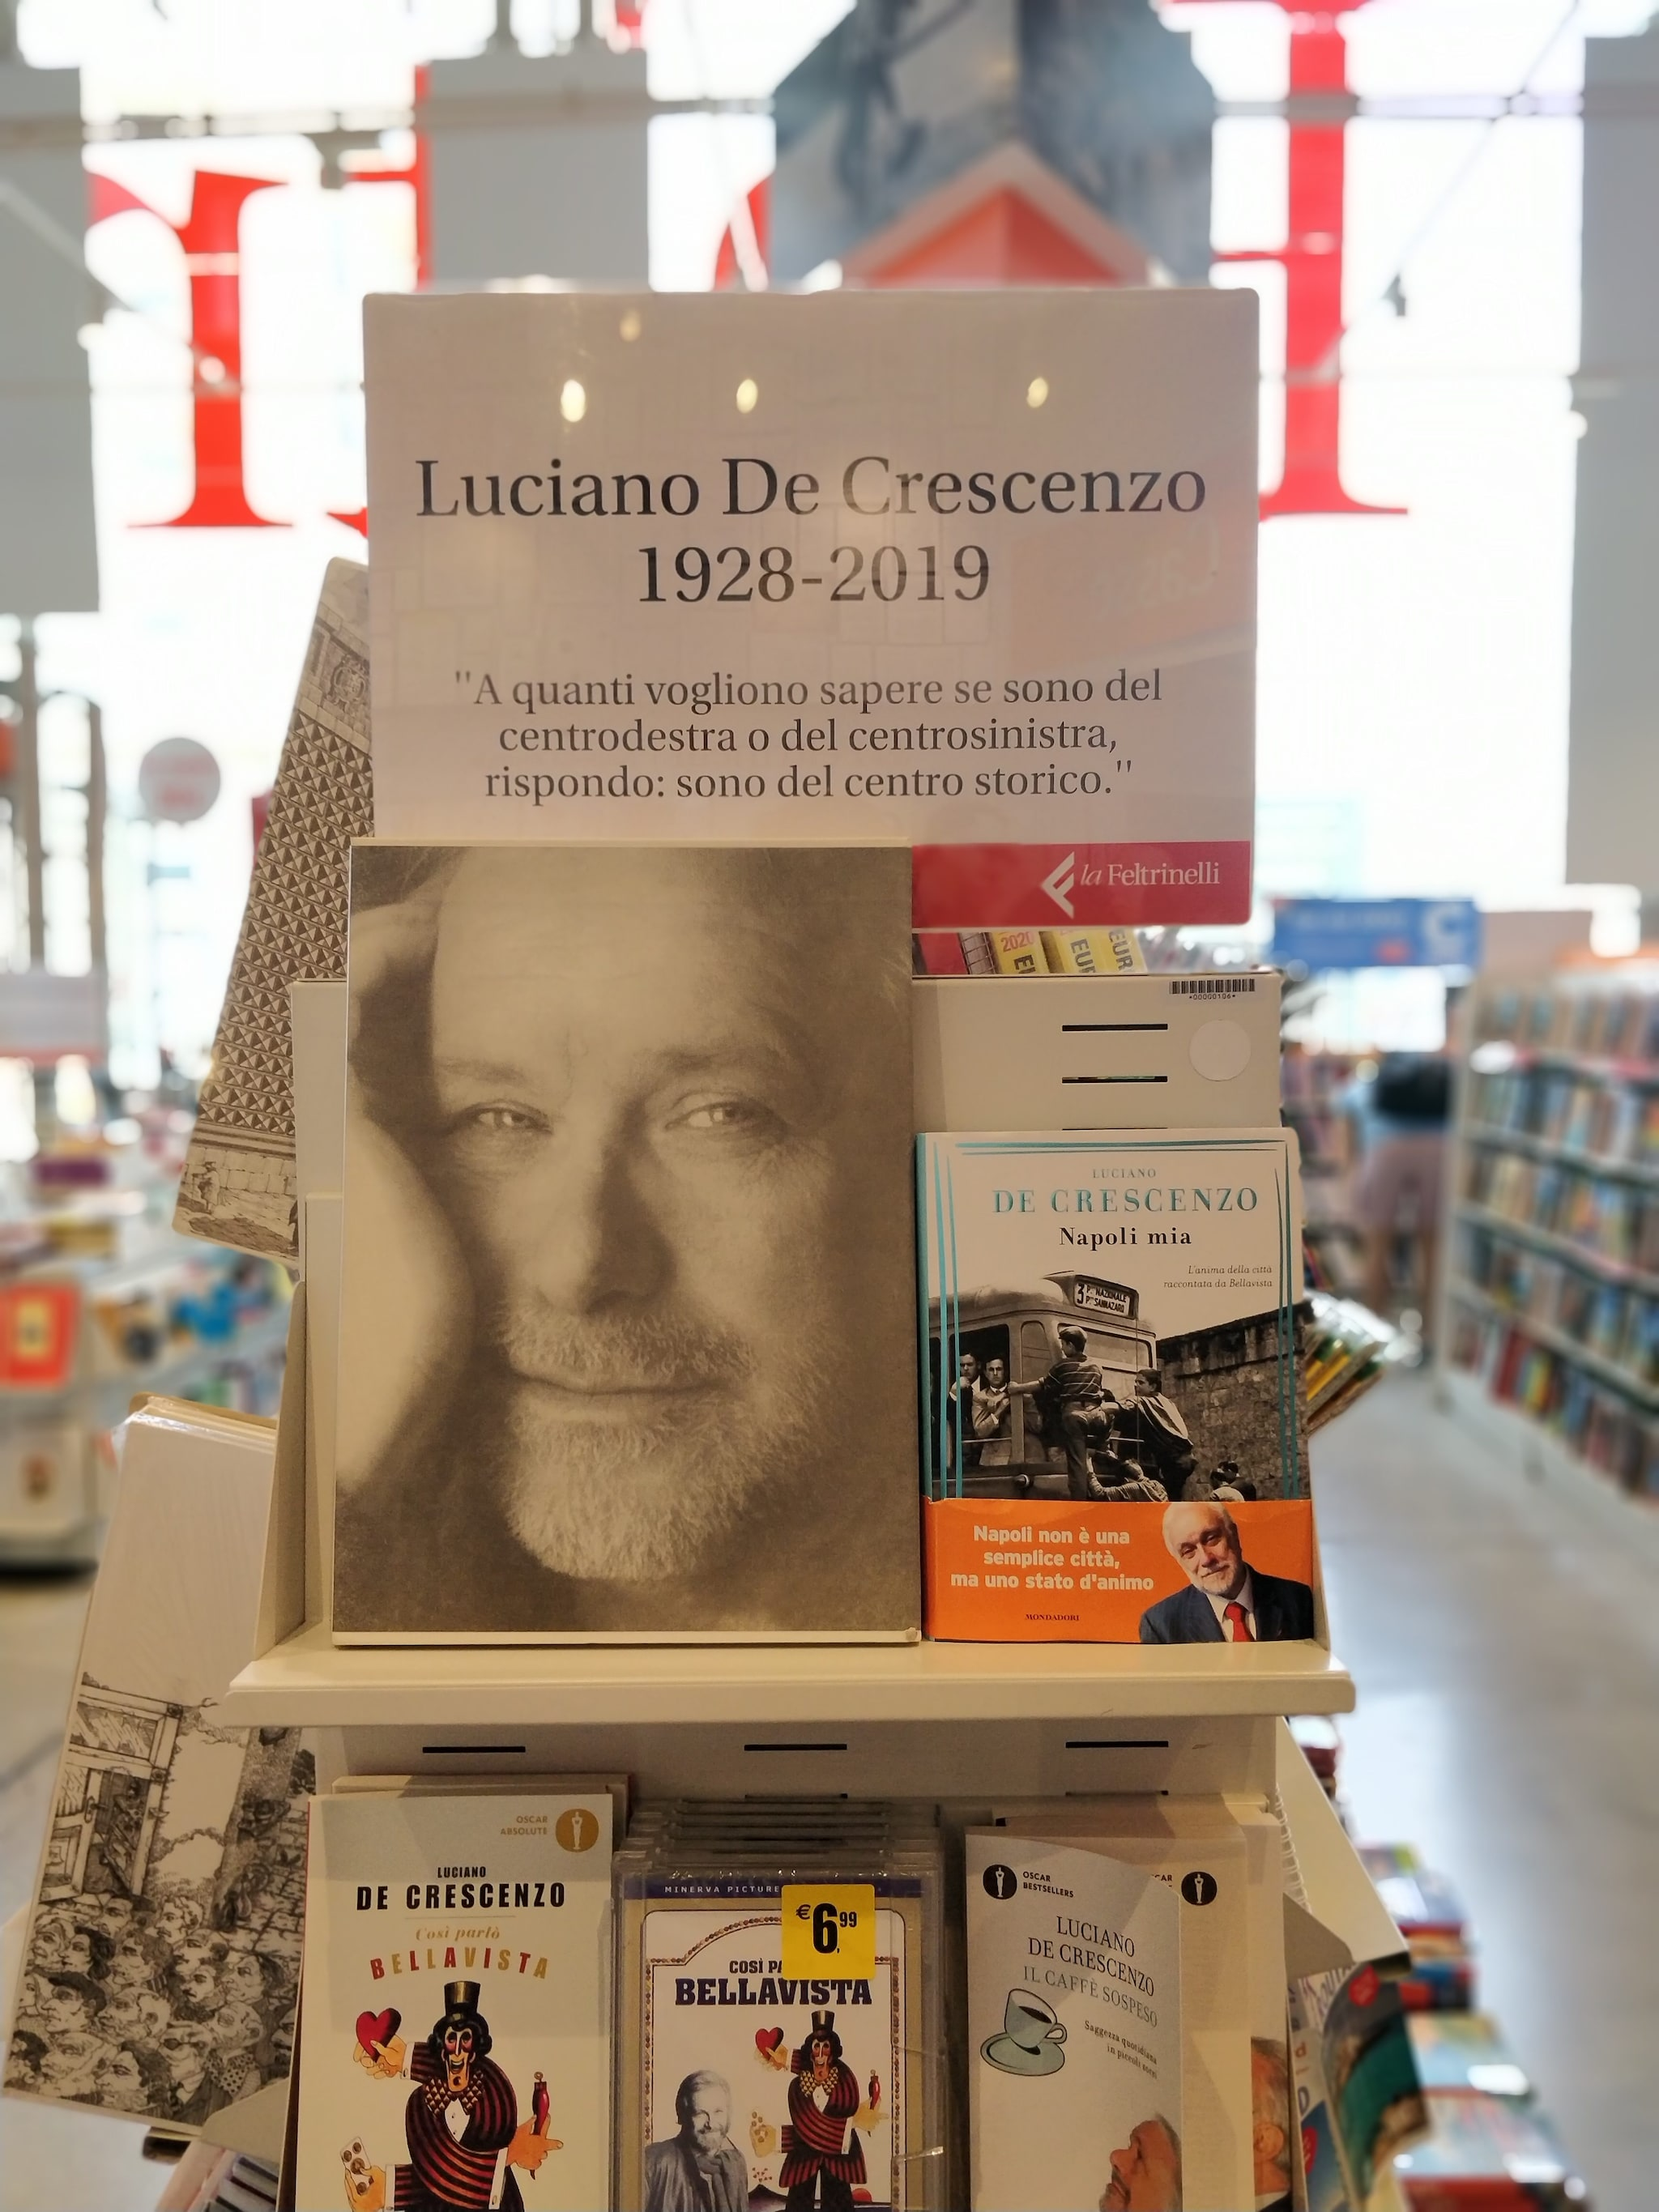 L'omaggio delle librerie Feltrinelli